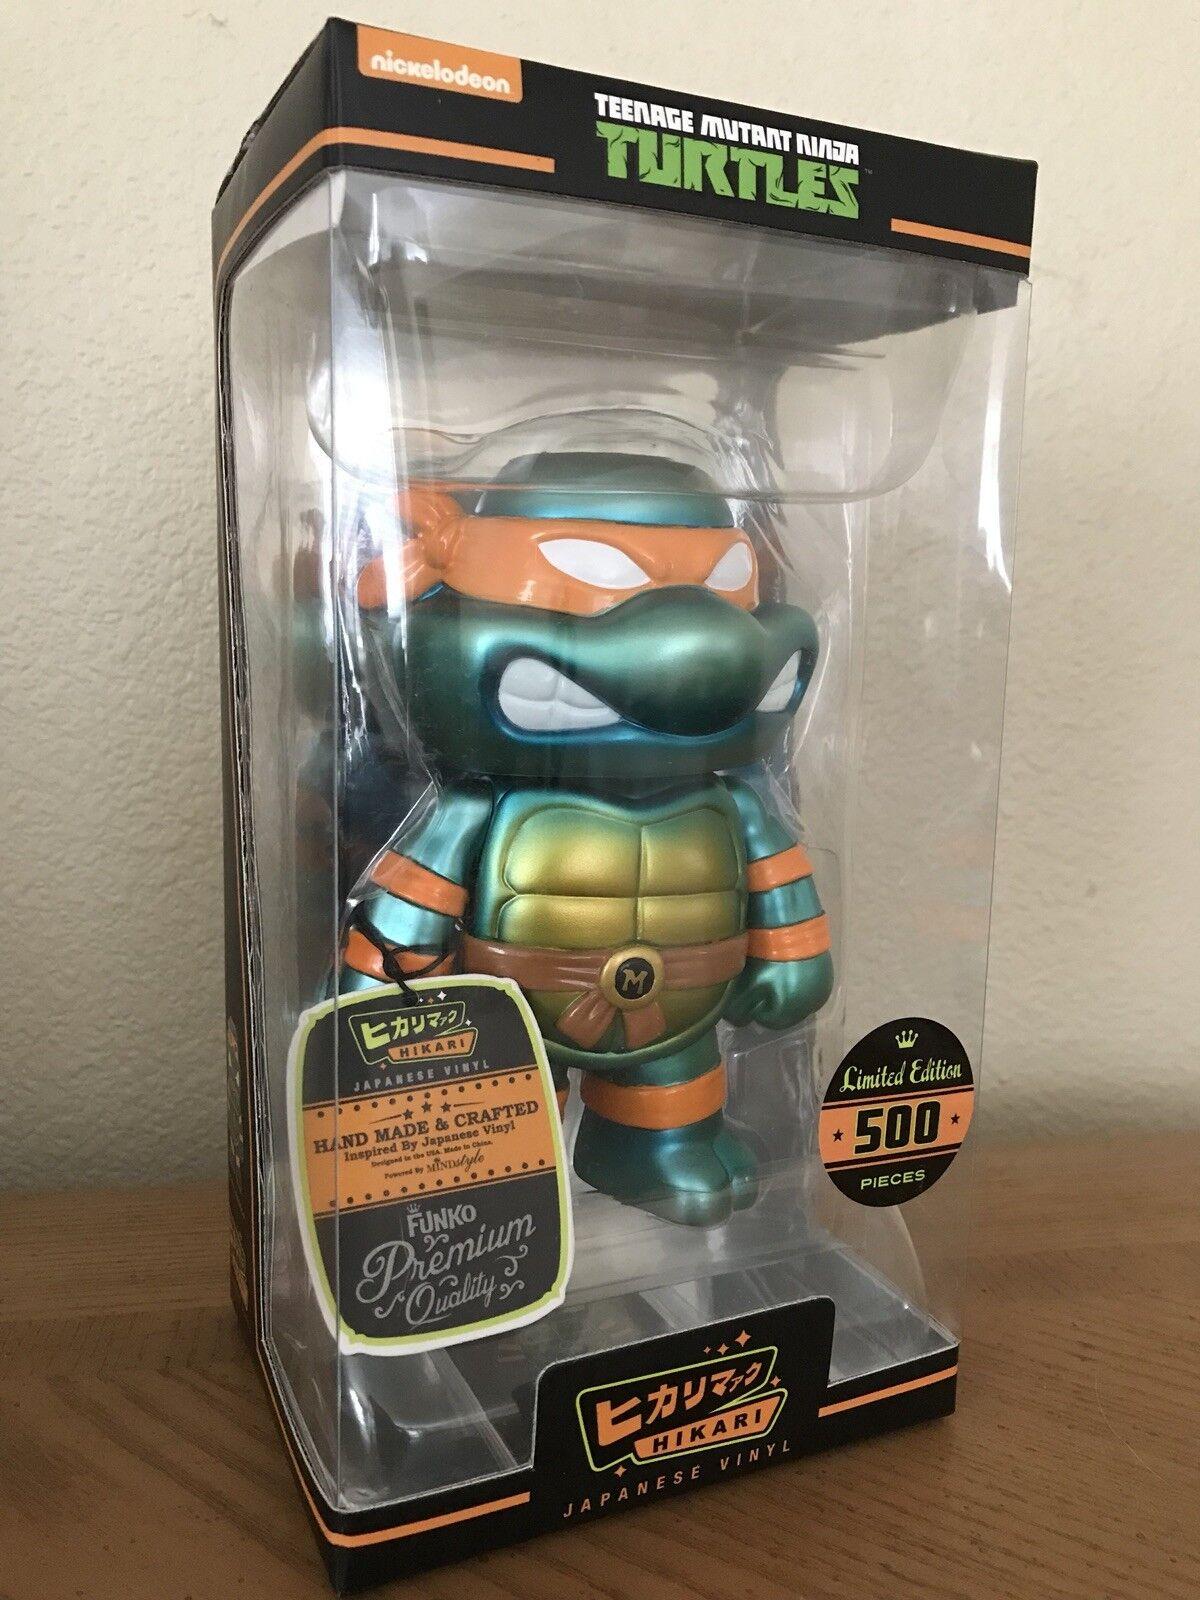 FUNKO Hikari Teenage Mutant Ninja Turtles Metallic MICHELANGELO  240/500